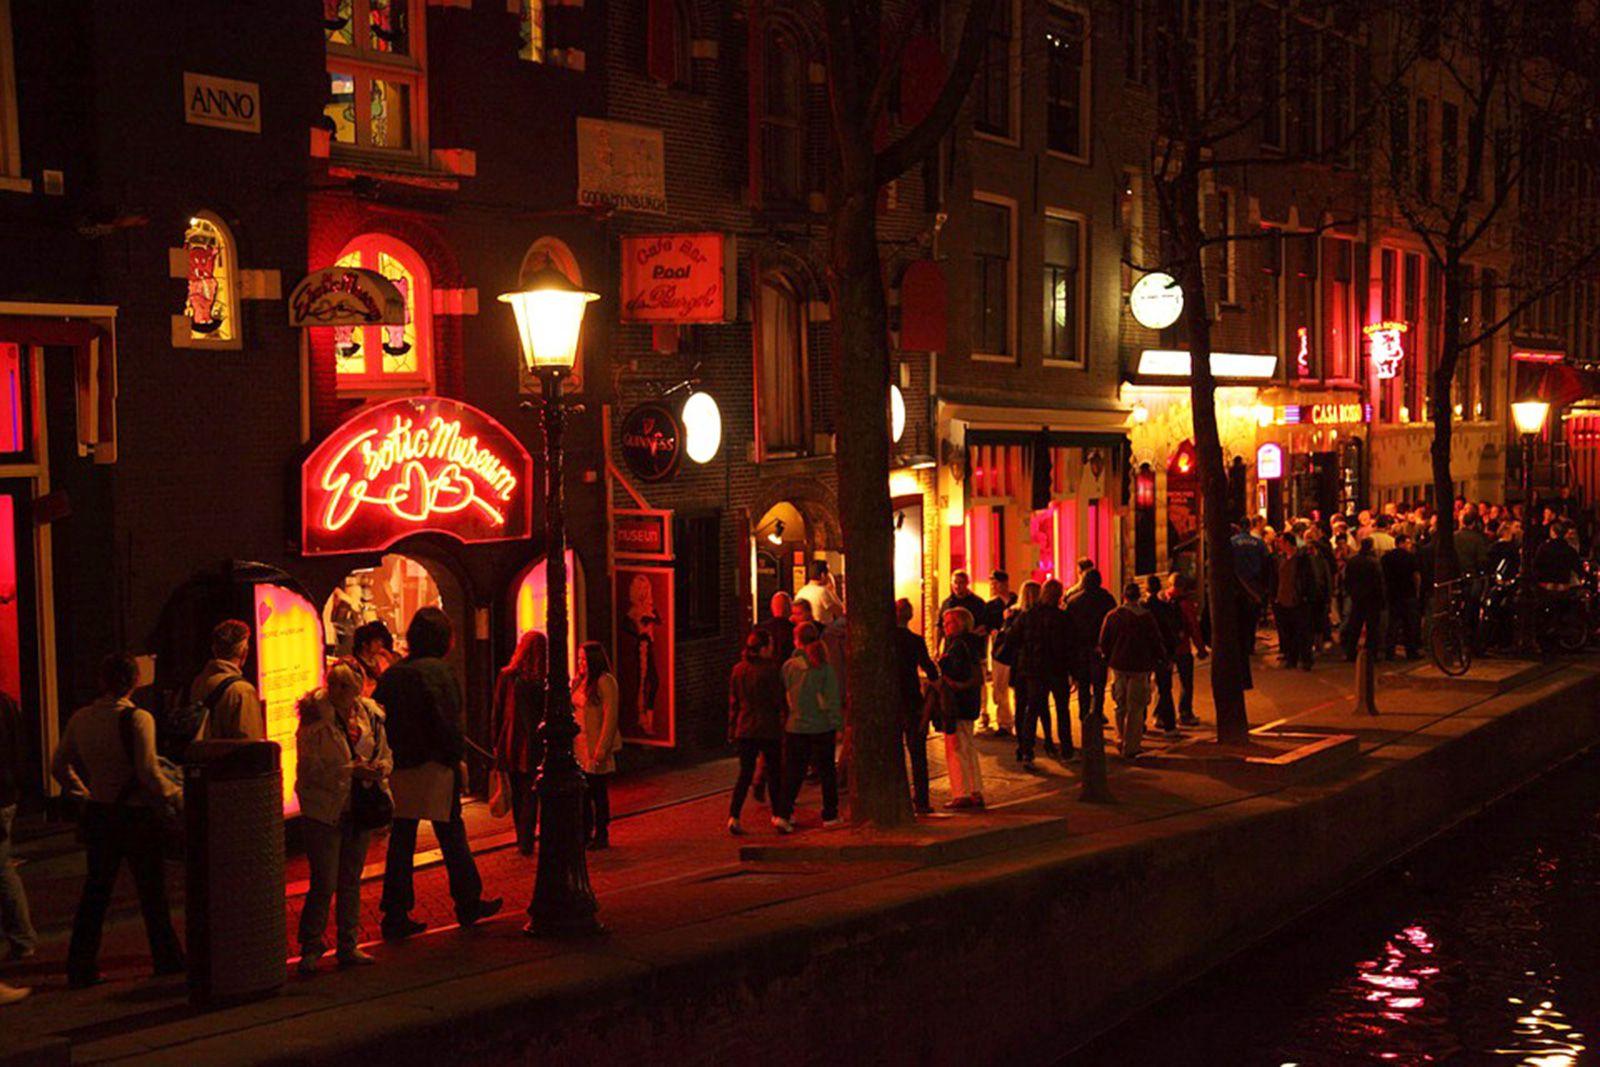 Cómo es vivir en el barrio rojo de Ámsterdam 2